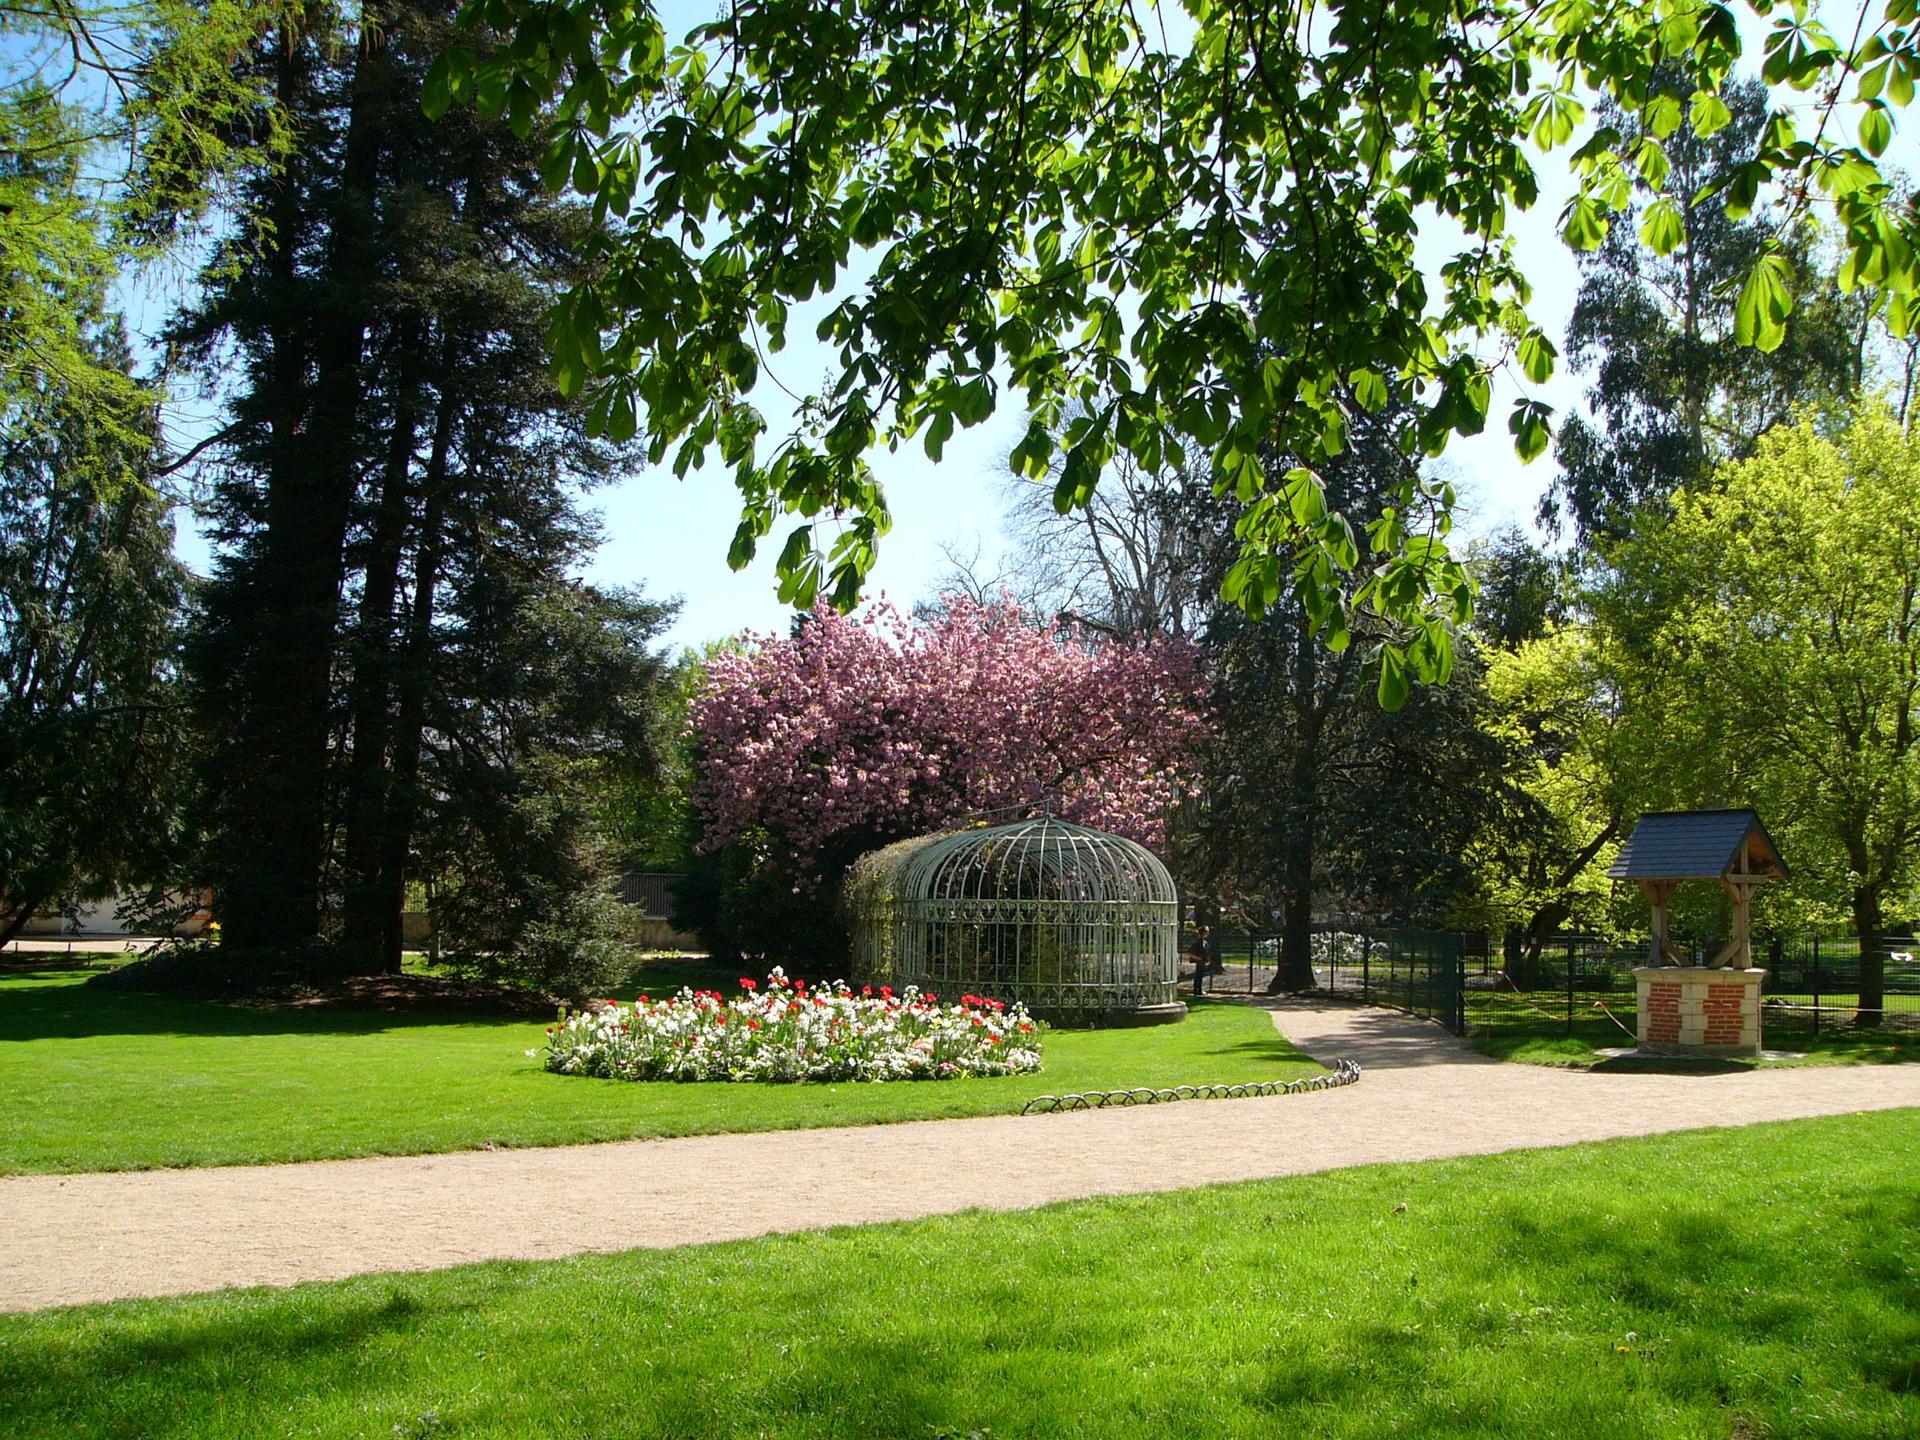 Jardin Botanique - Site Officiel De La Ville De Tours dedans Jardin Botanique Emploi